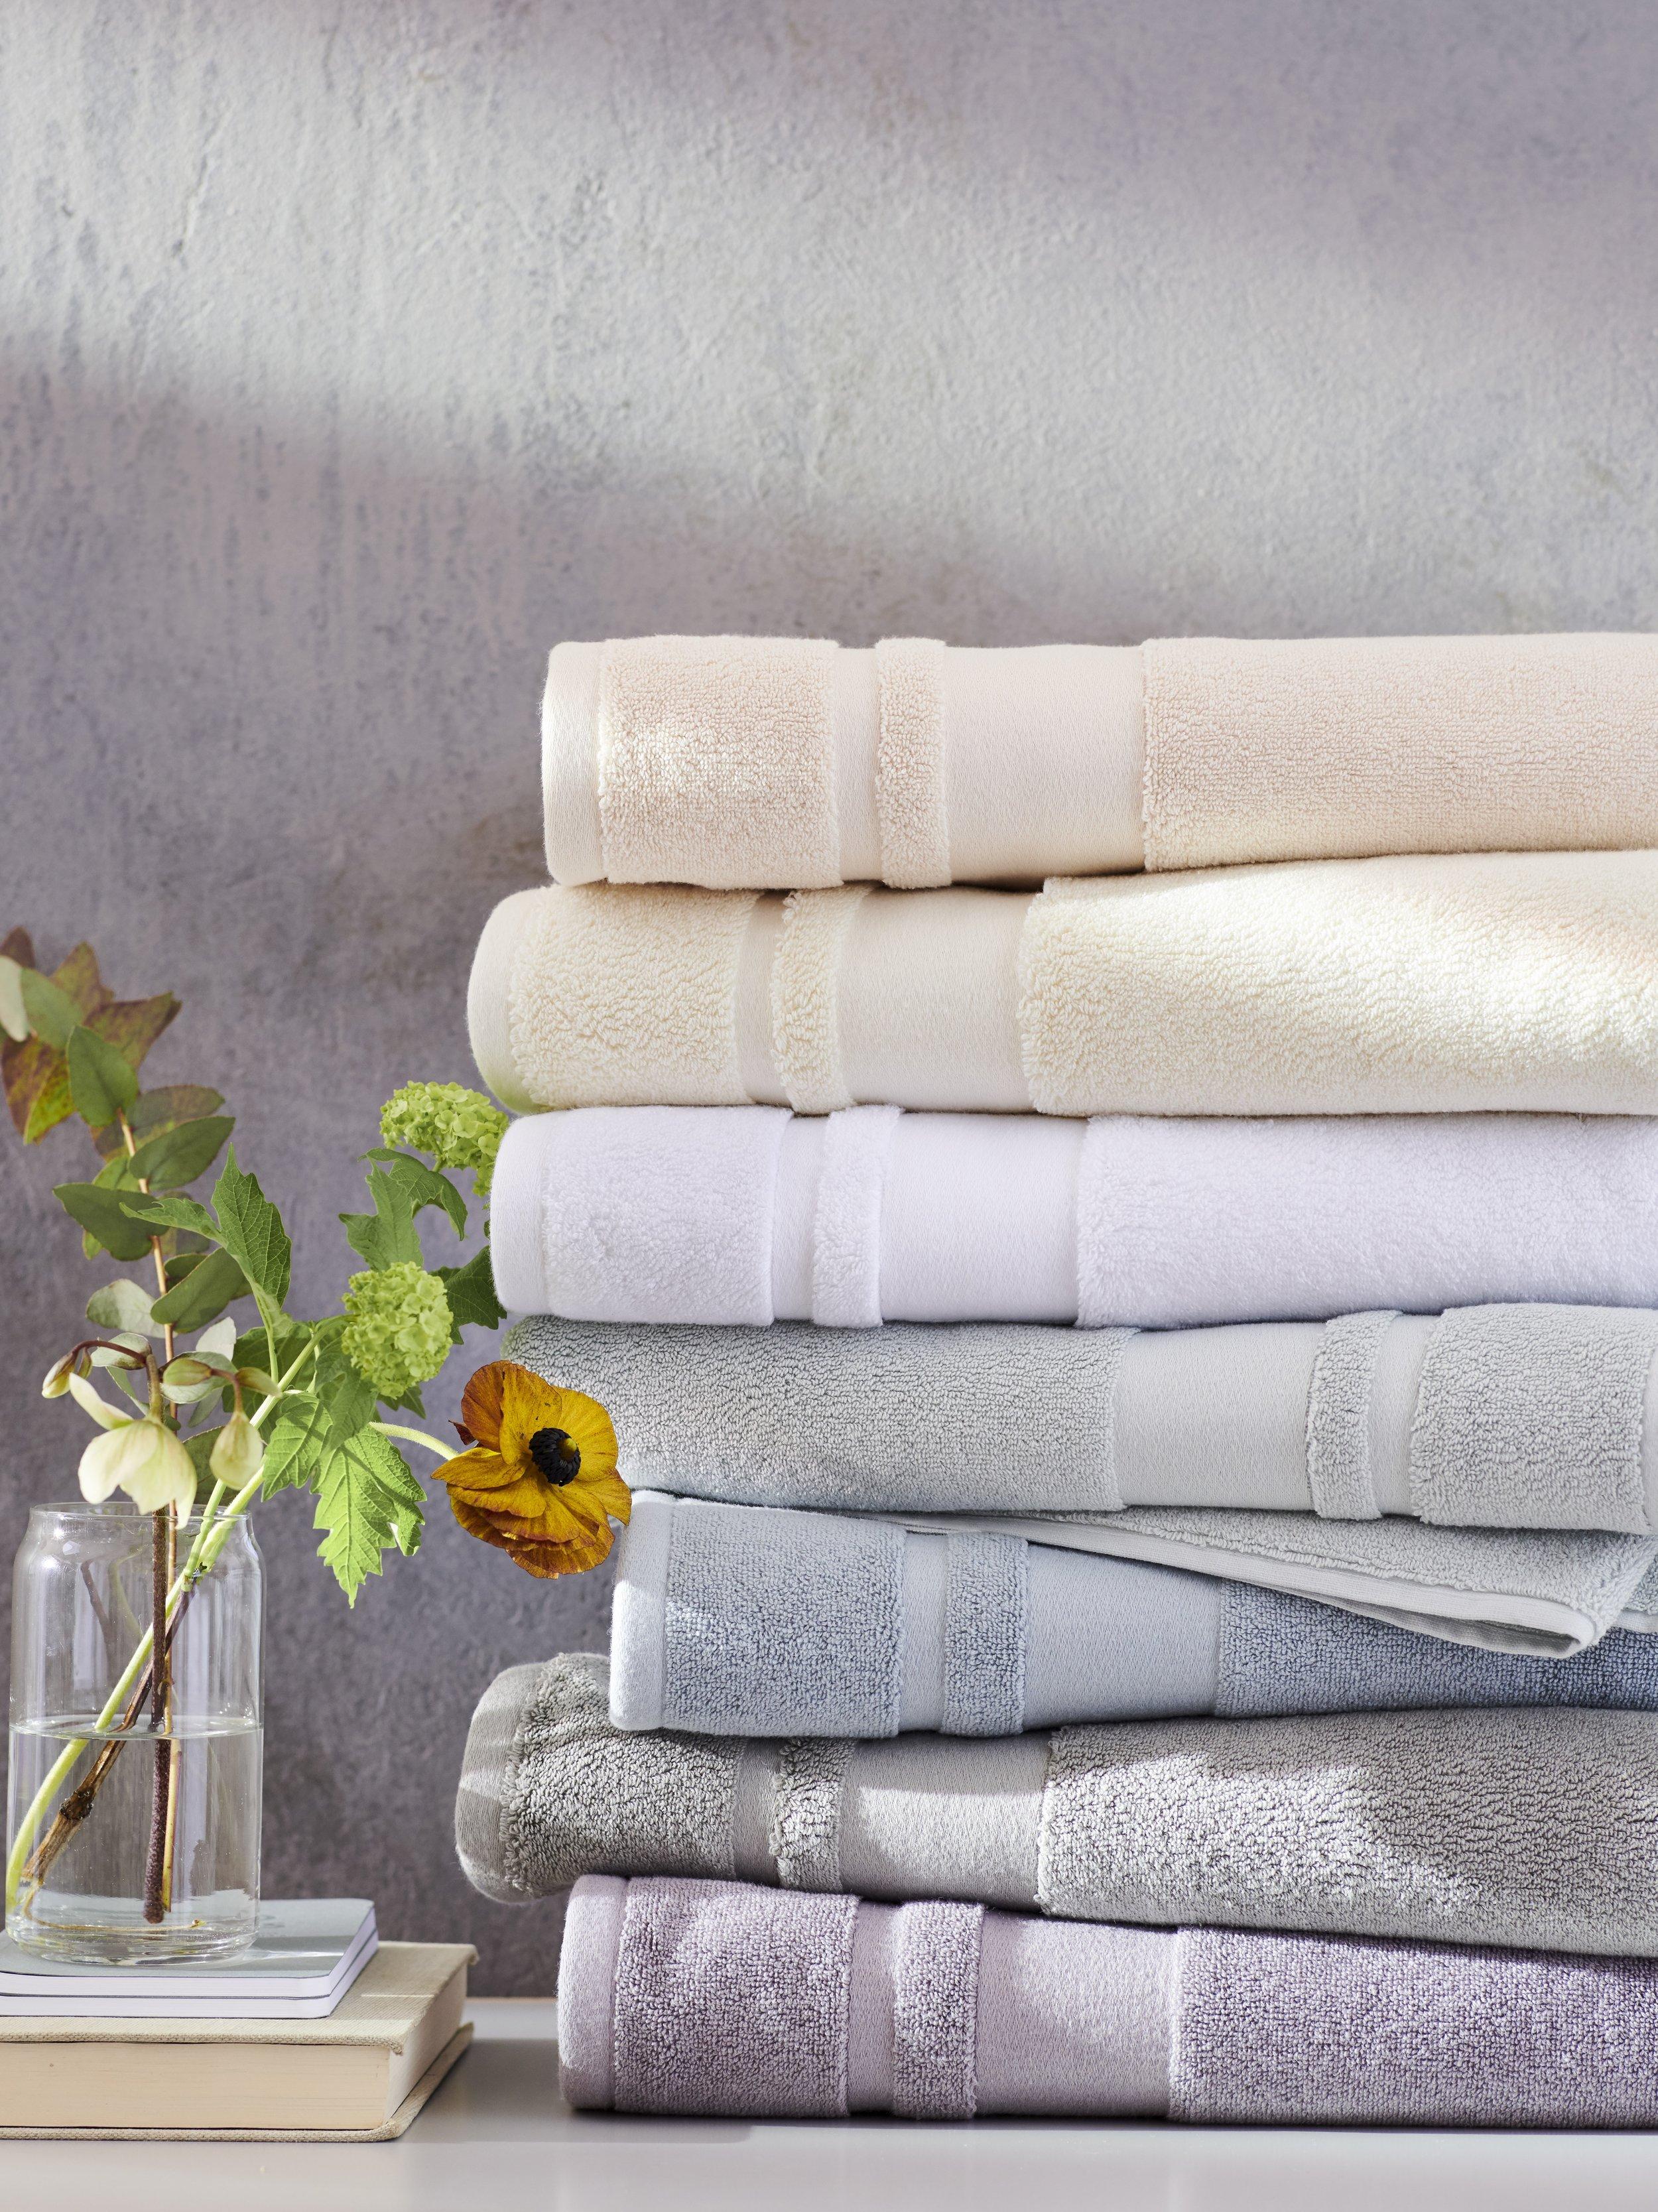 +1808BLM_In_Laws_Ralph_Lauren_Towels205.jpg